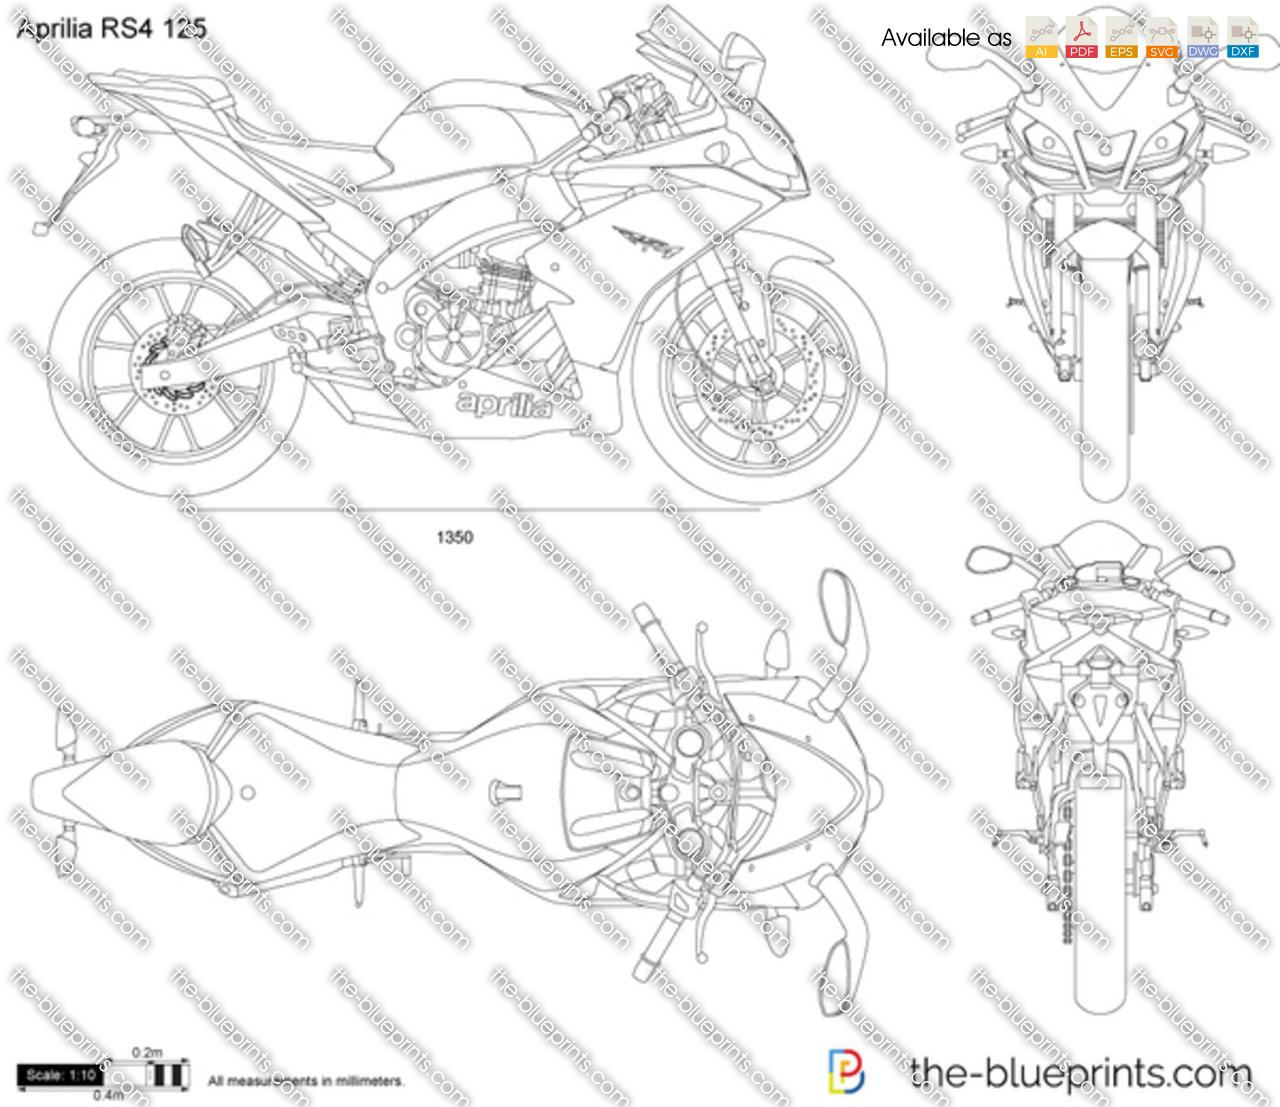 Aprilia RS4 125